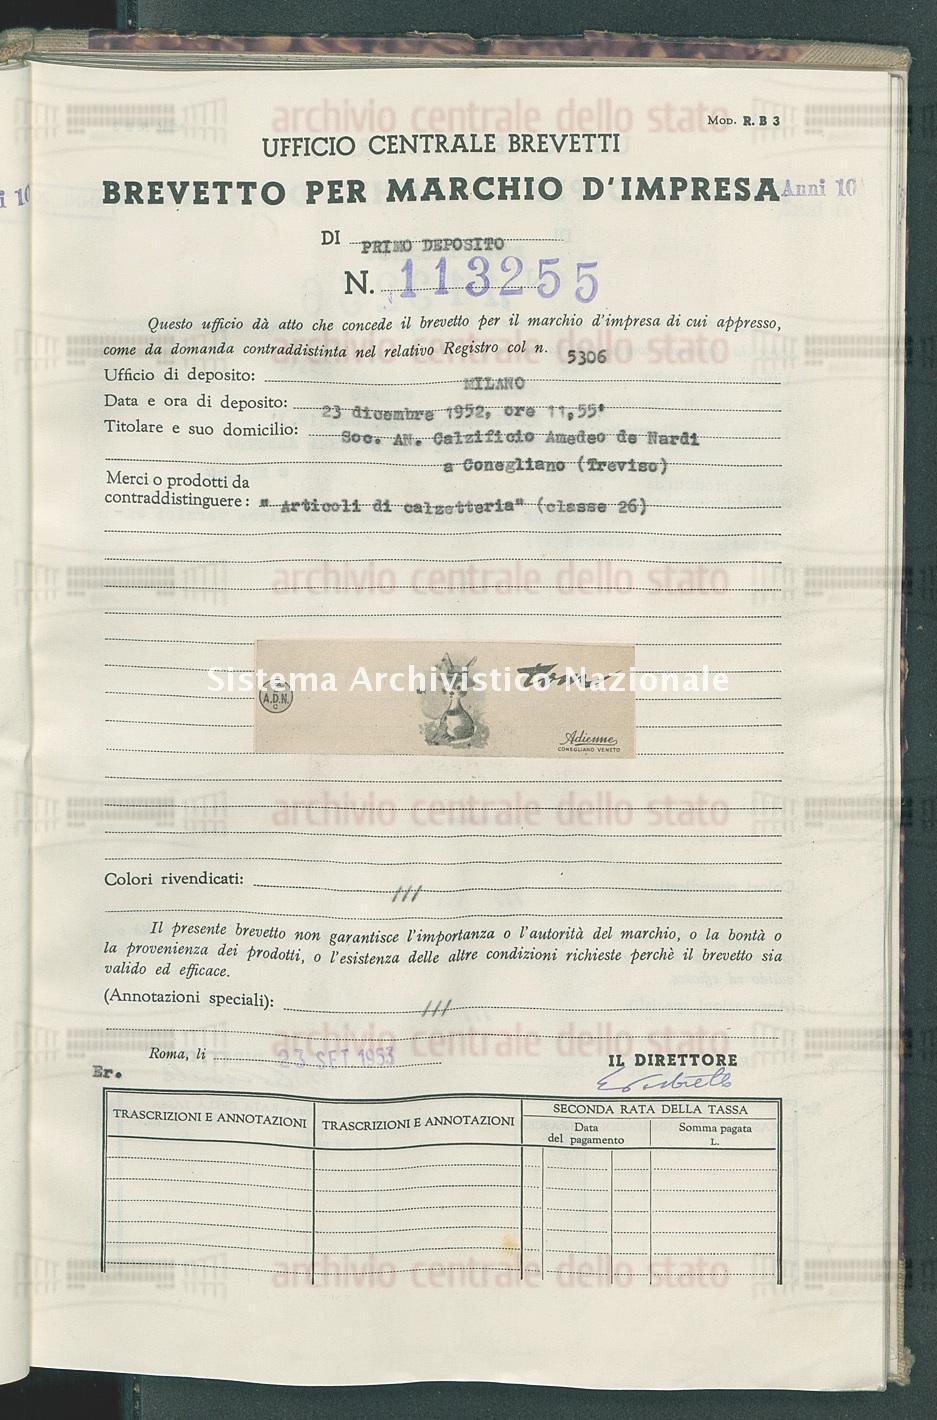 'Articoli di calzetteria' Soc.An.Calzificio Amedeo De Nardi (23/09/1953)